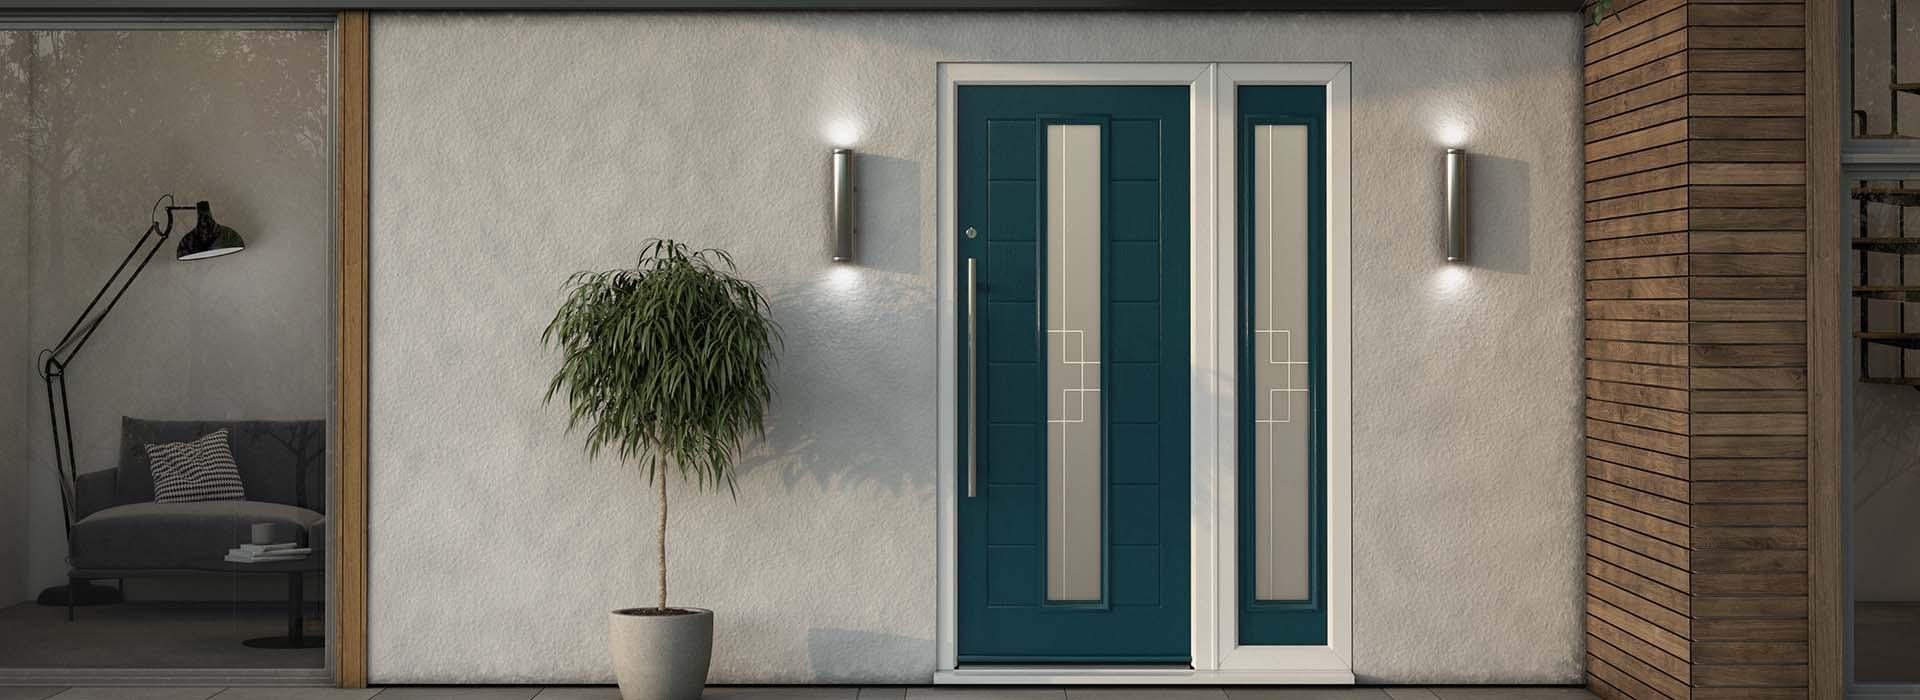 modern-composite-door-on-home-in-dark-blue